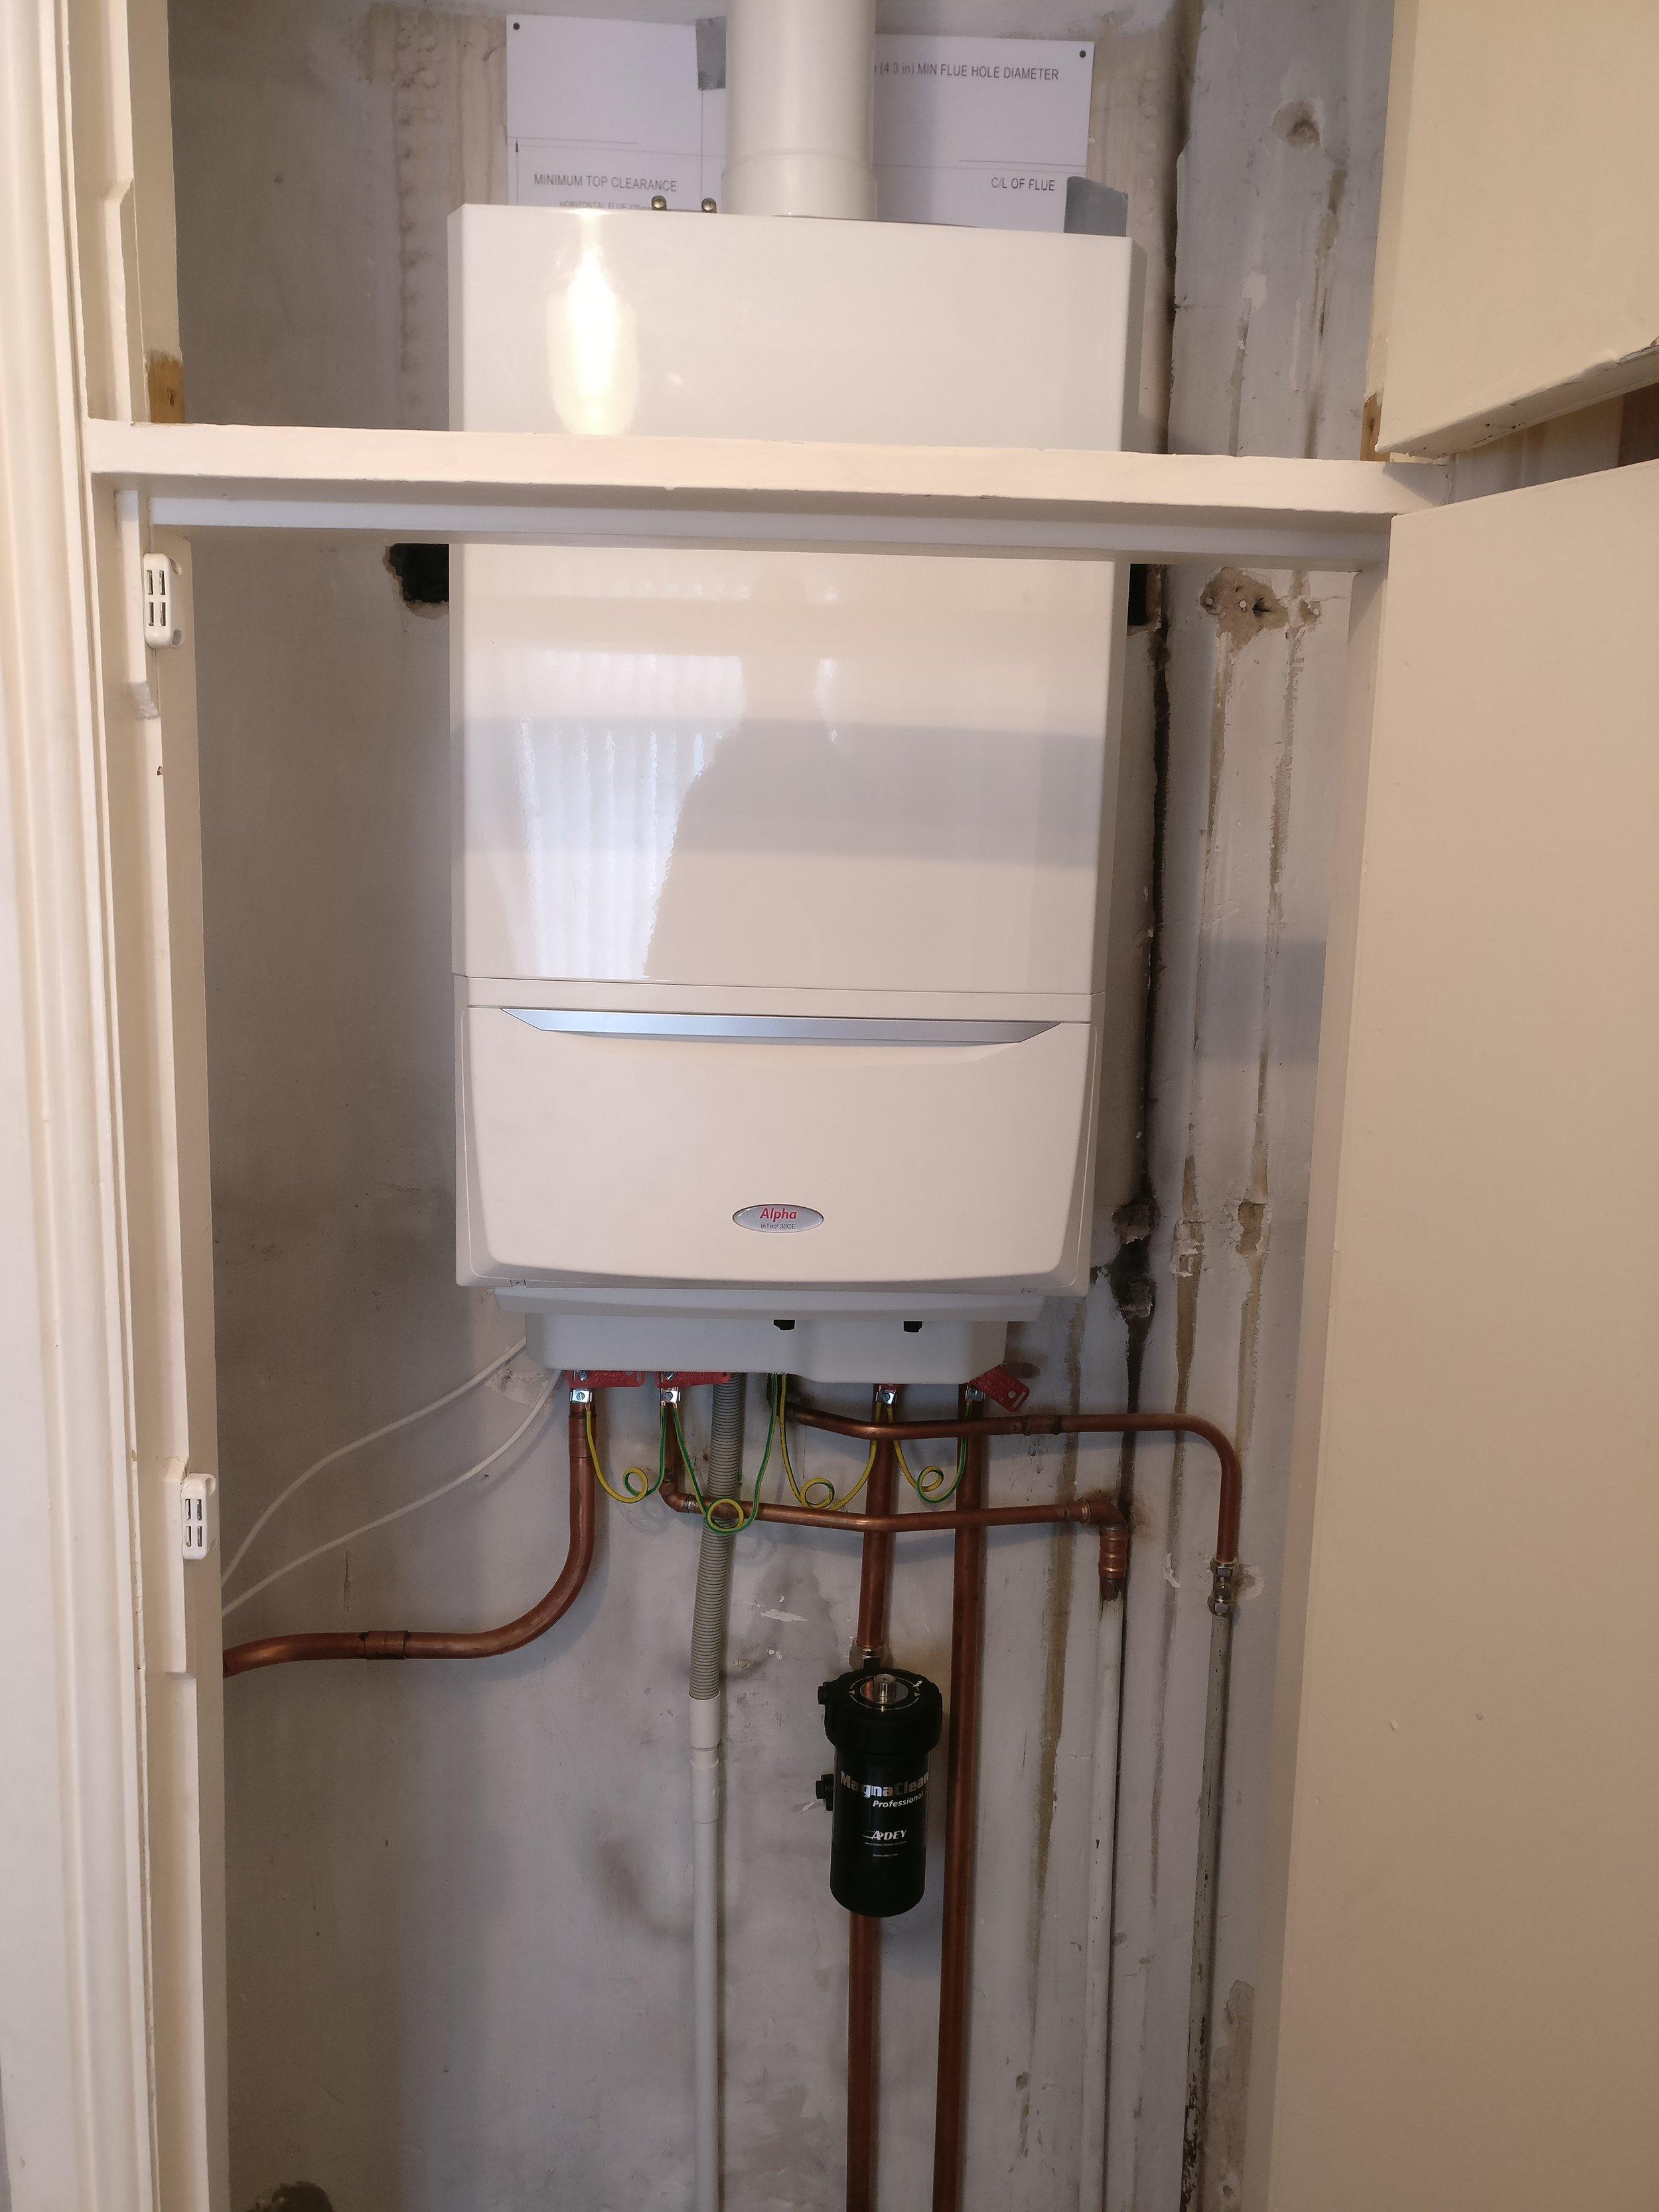 Boiler 8.jpg